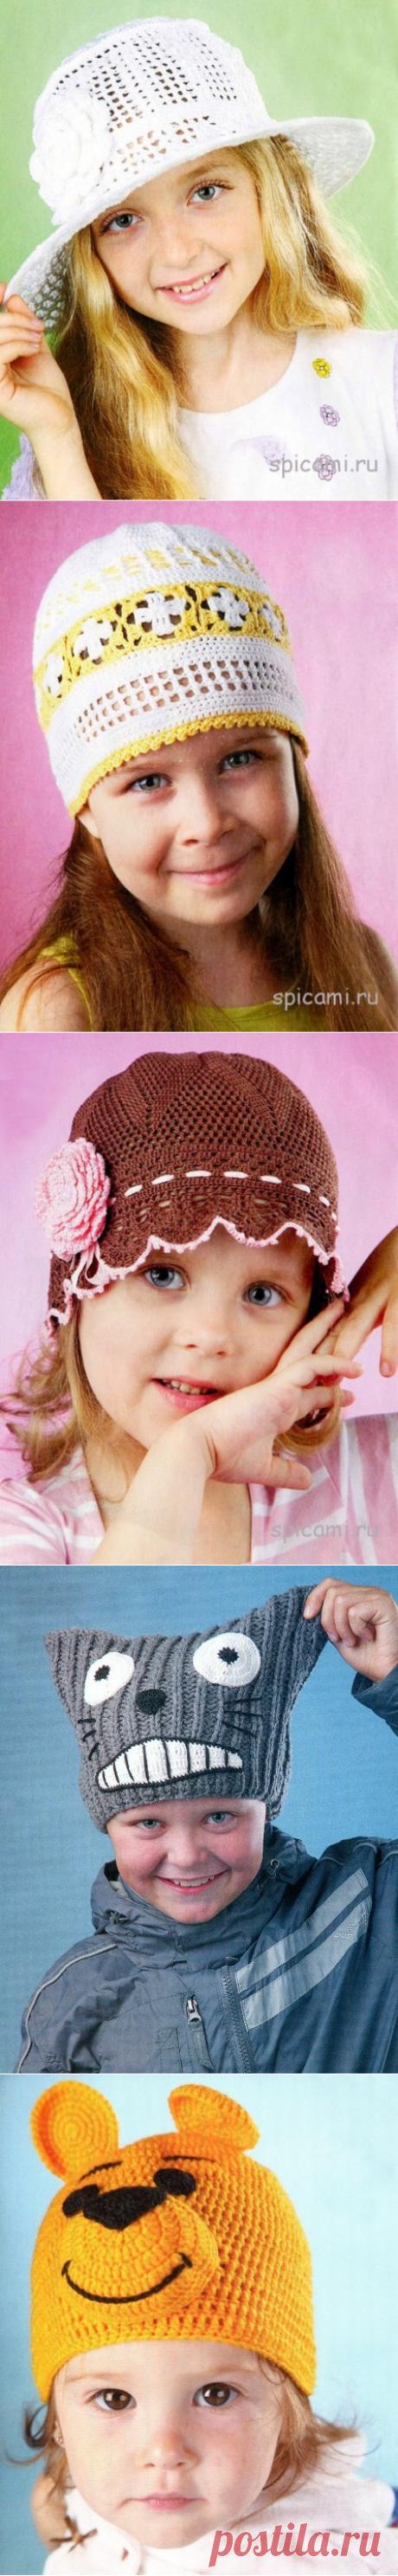 Вязаные детские шляпки, шапочки, панамки. 6 моделей.